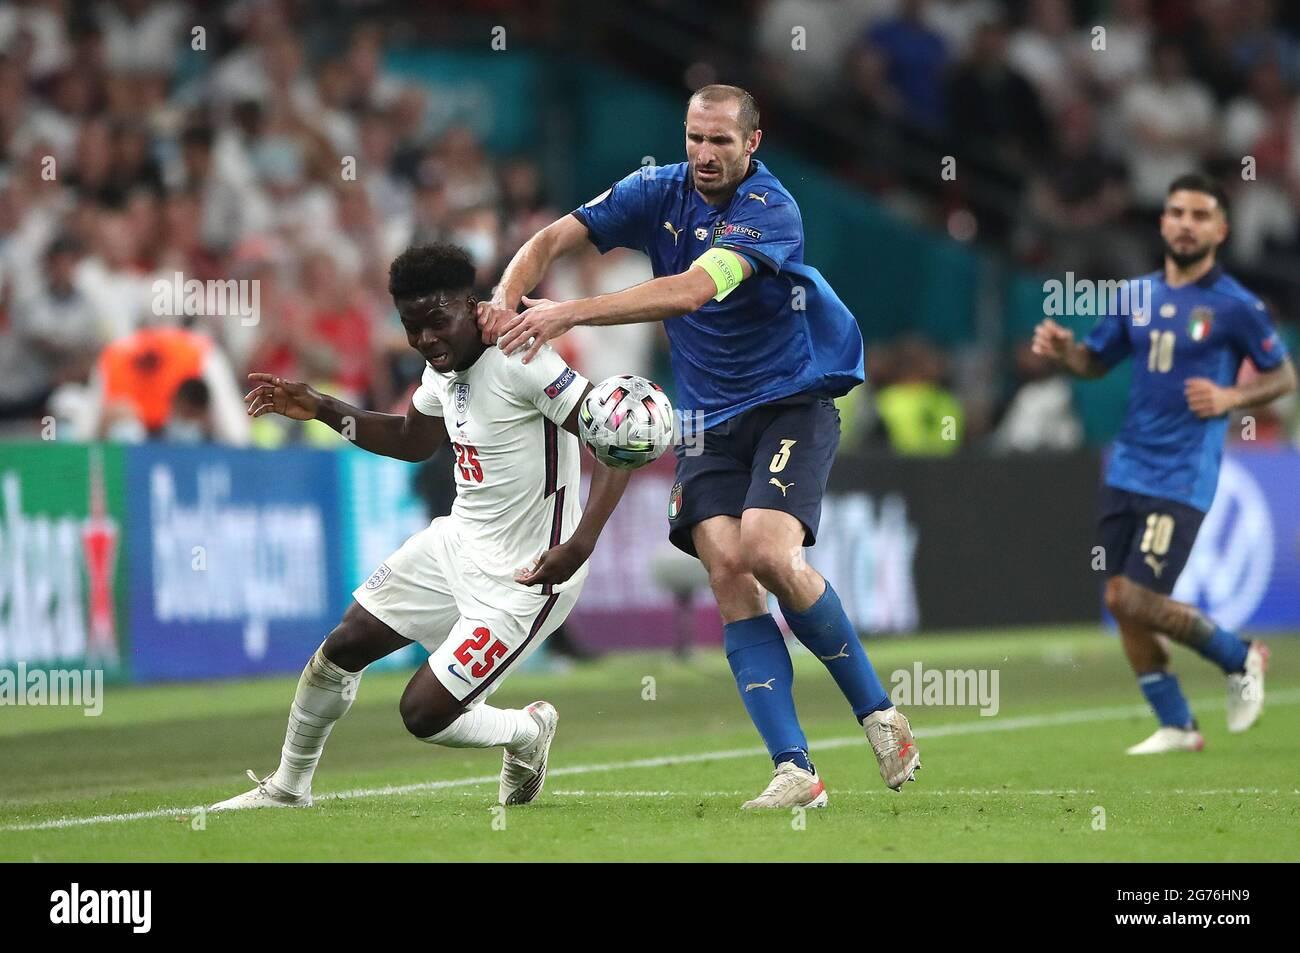 Der Italiener Giorgio Chiellini zieht Englands Bukayo Saka während des UEFA Euro 2020 Finales im Wembley Stadium, London, zurück. Bilddatum: Sonntag, 11. Juli 2021. Stockfoto